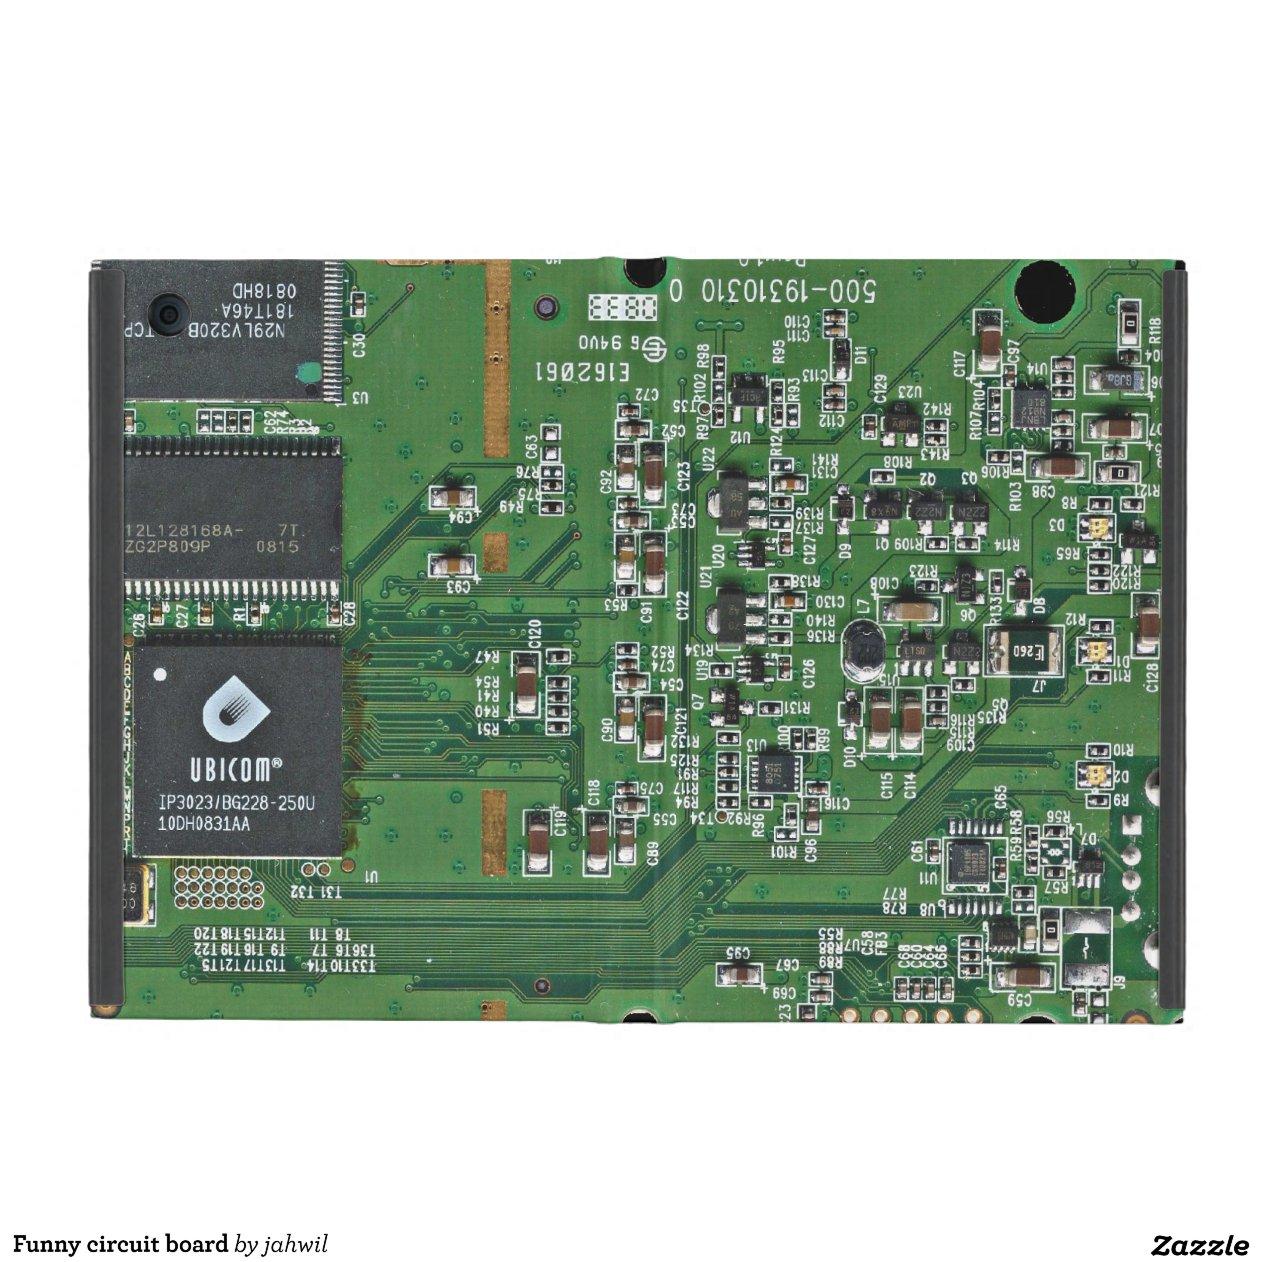 telex microphone wiring diagram allison 1000 wiring harness wire, Wiring diagram